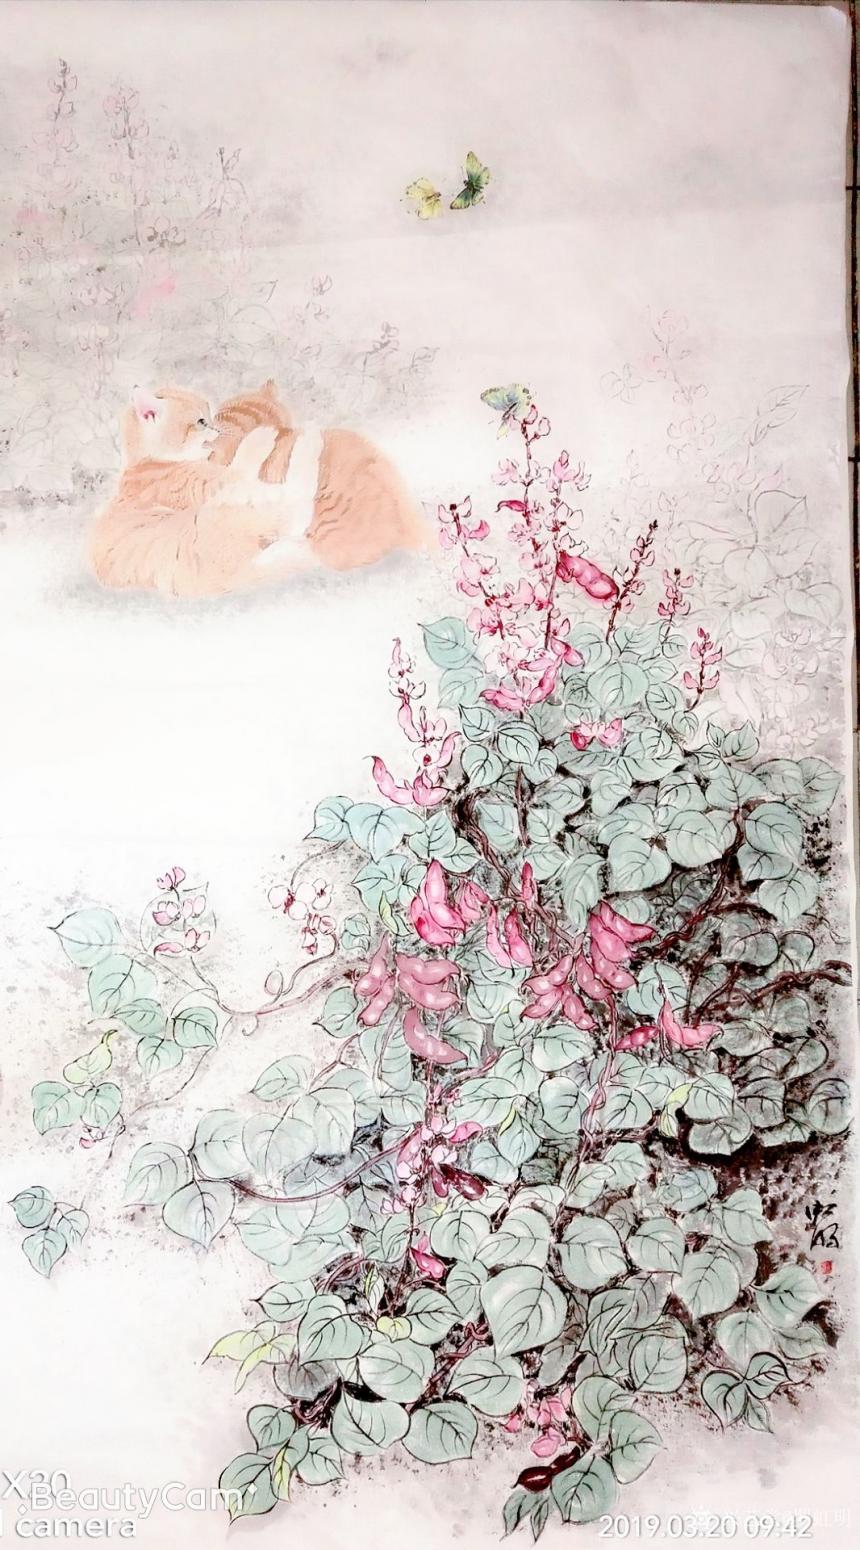 罗虹明国画作品《两小无猜(猫)》【图0】